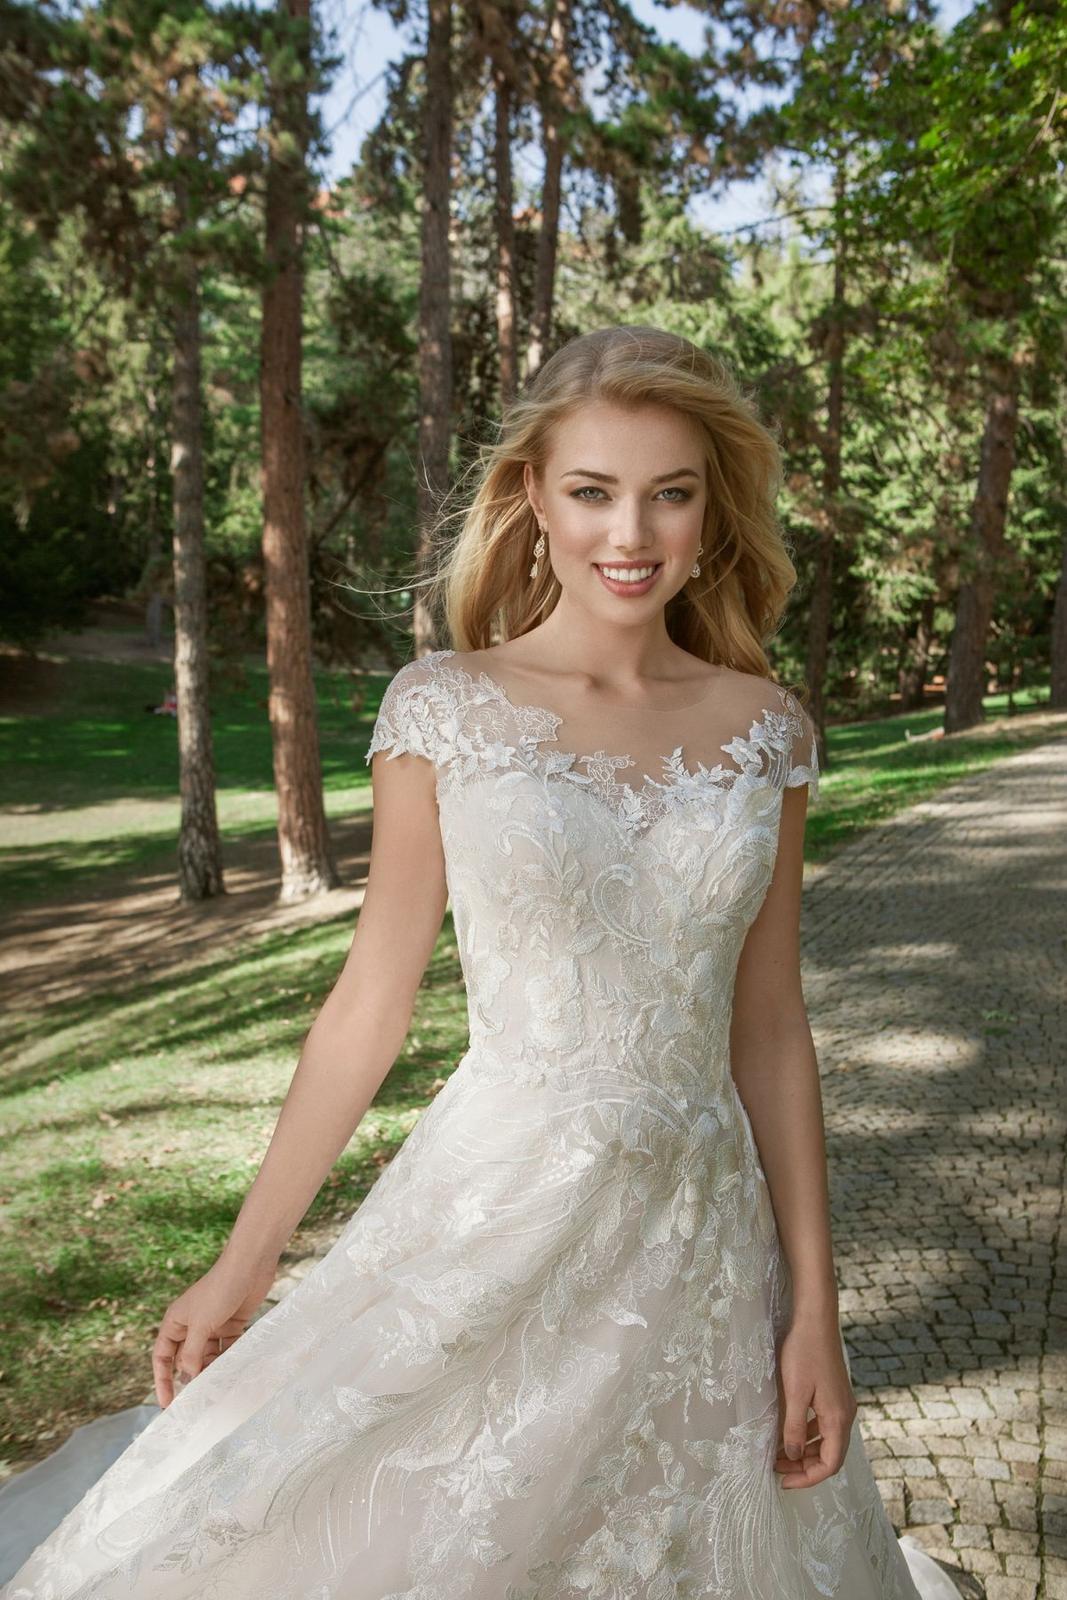 Eva Grandes princeznovské svatební šaty - Samanta z blízka svatebni šaty